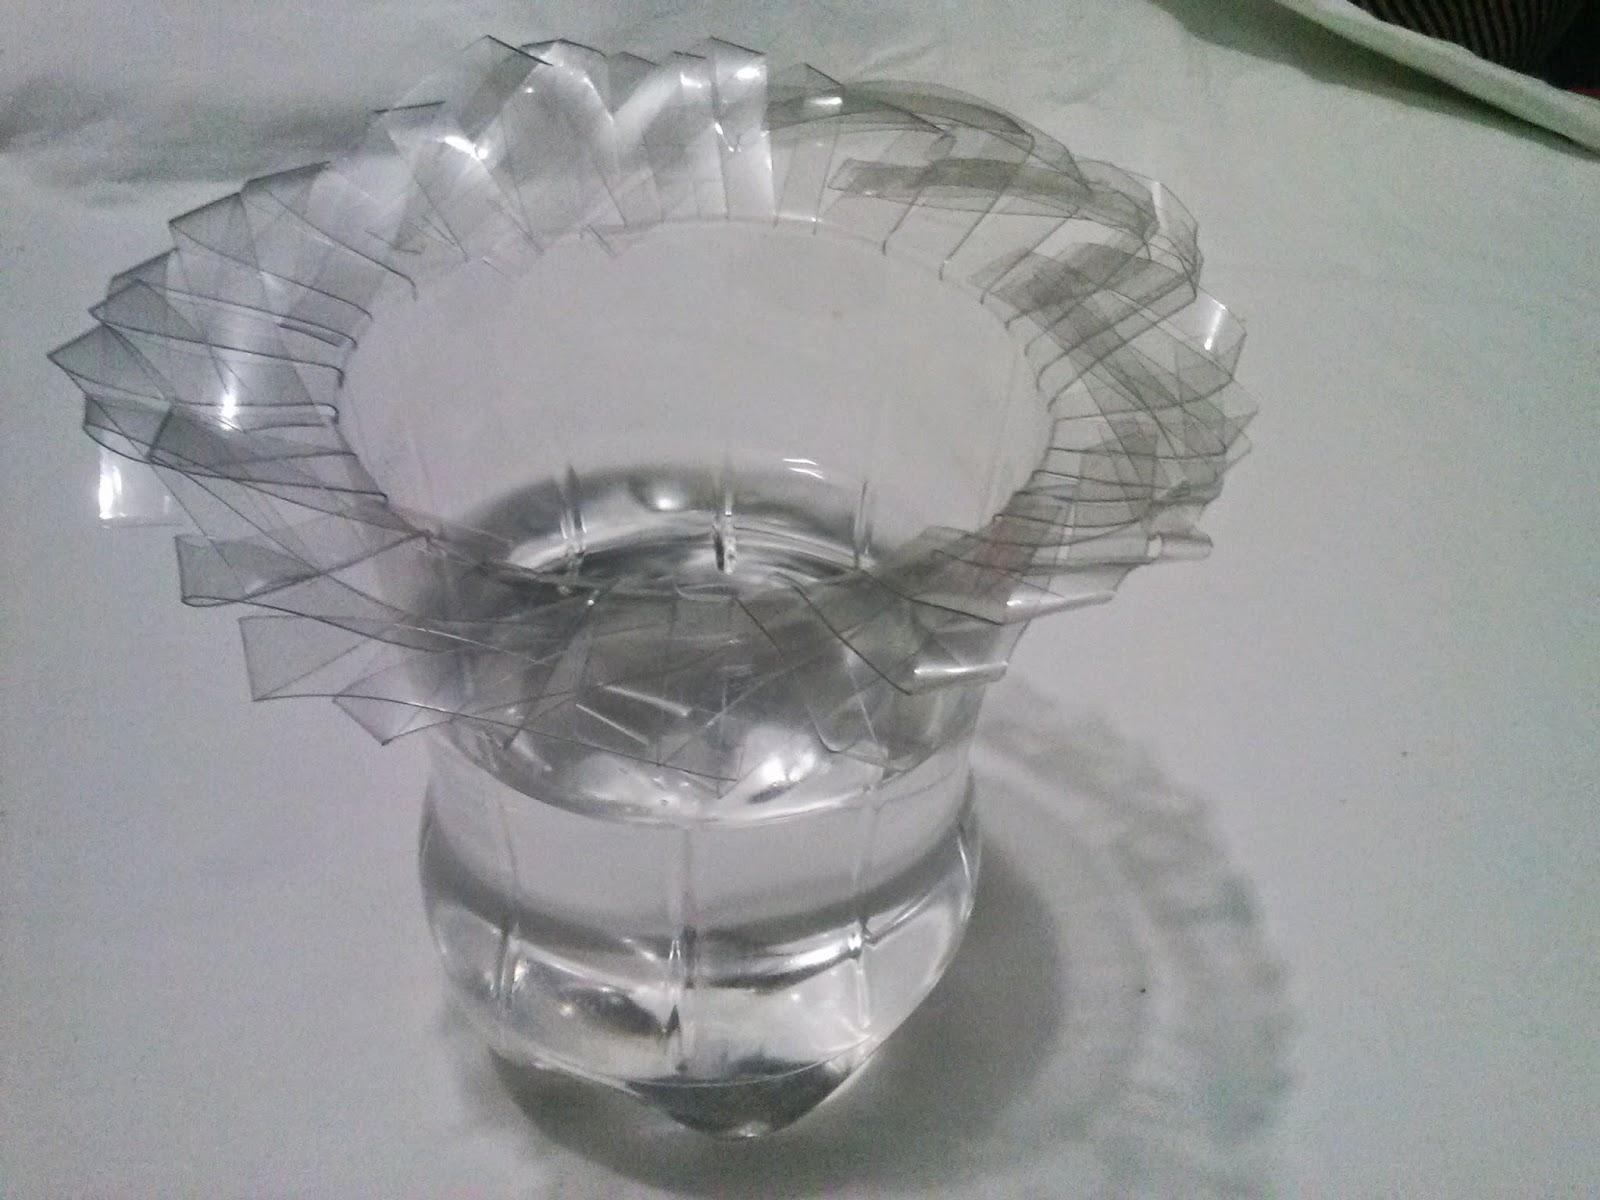 Botella de plástico convertida en jarrón